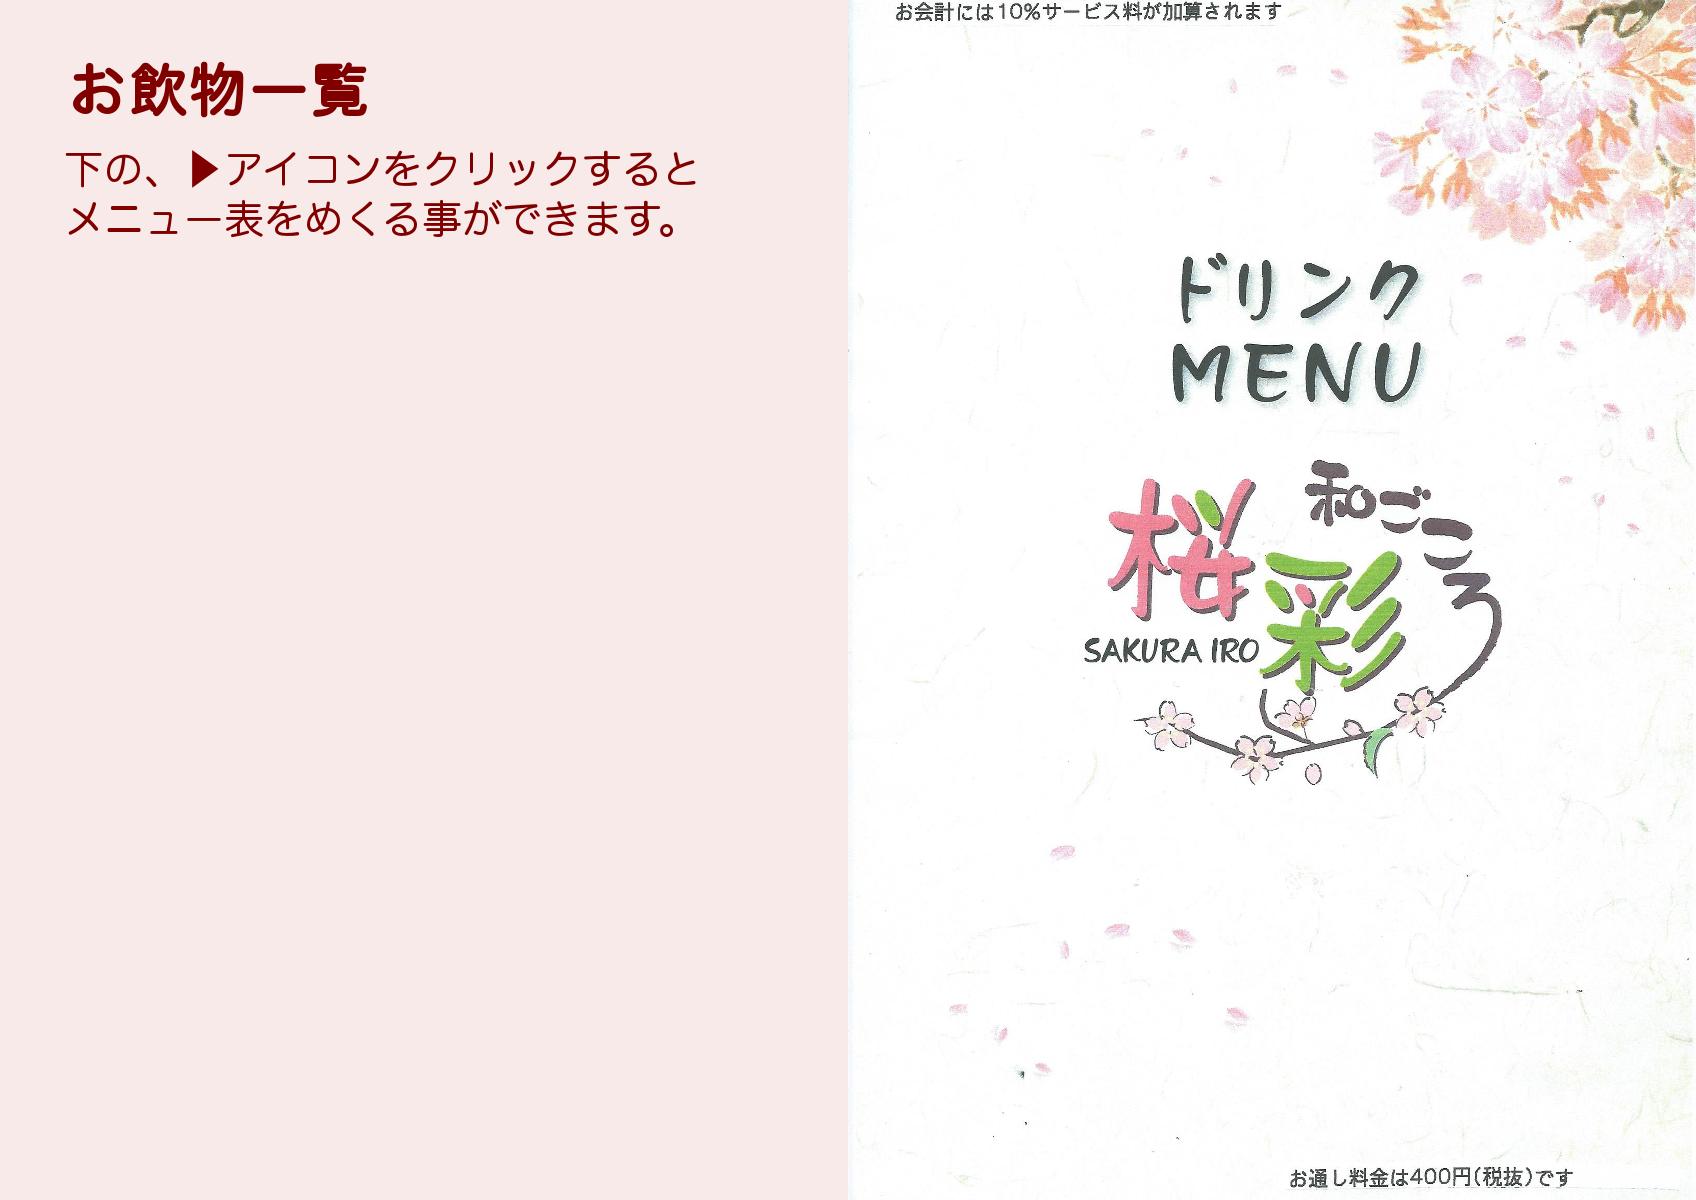 menu-list_6